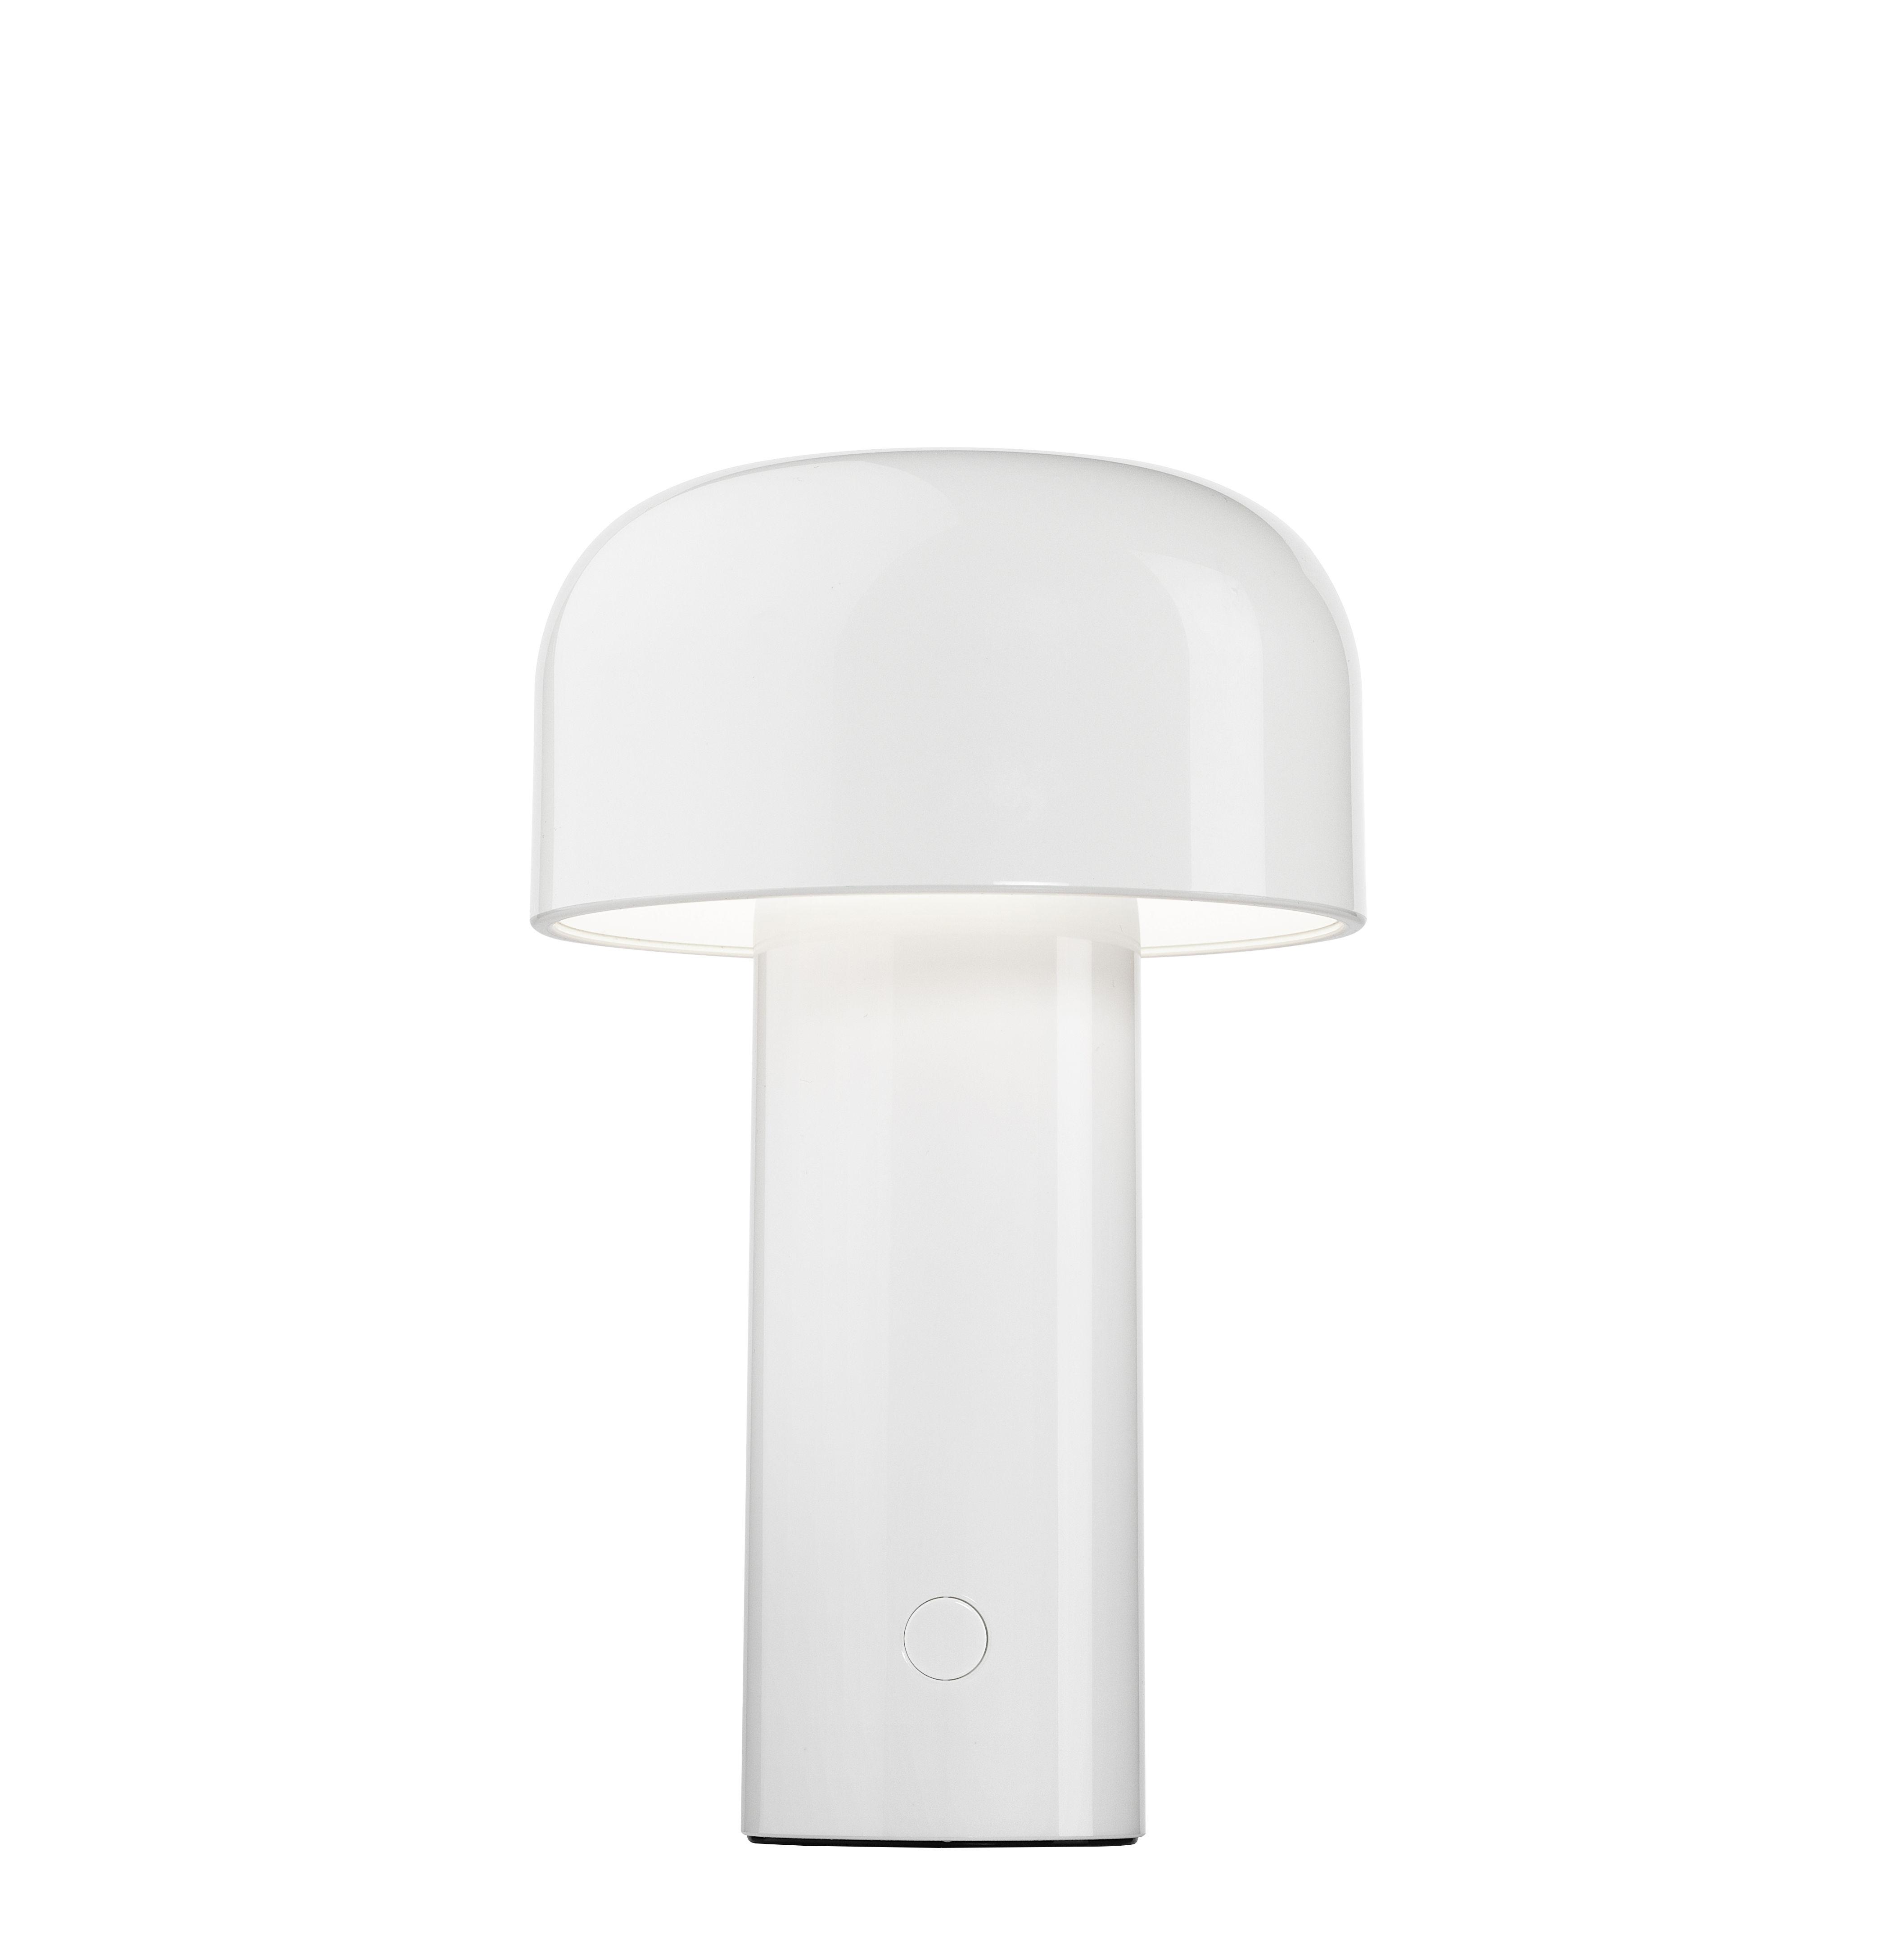 Illuminazione - Lampade da tavolo - Lampada da tavolo Bellhop - / Wireless - Ricarica USB di Flos - Blanc - policarbonato